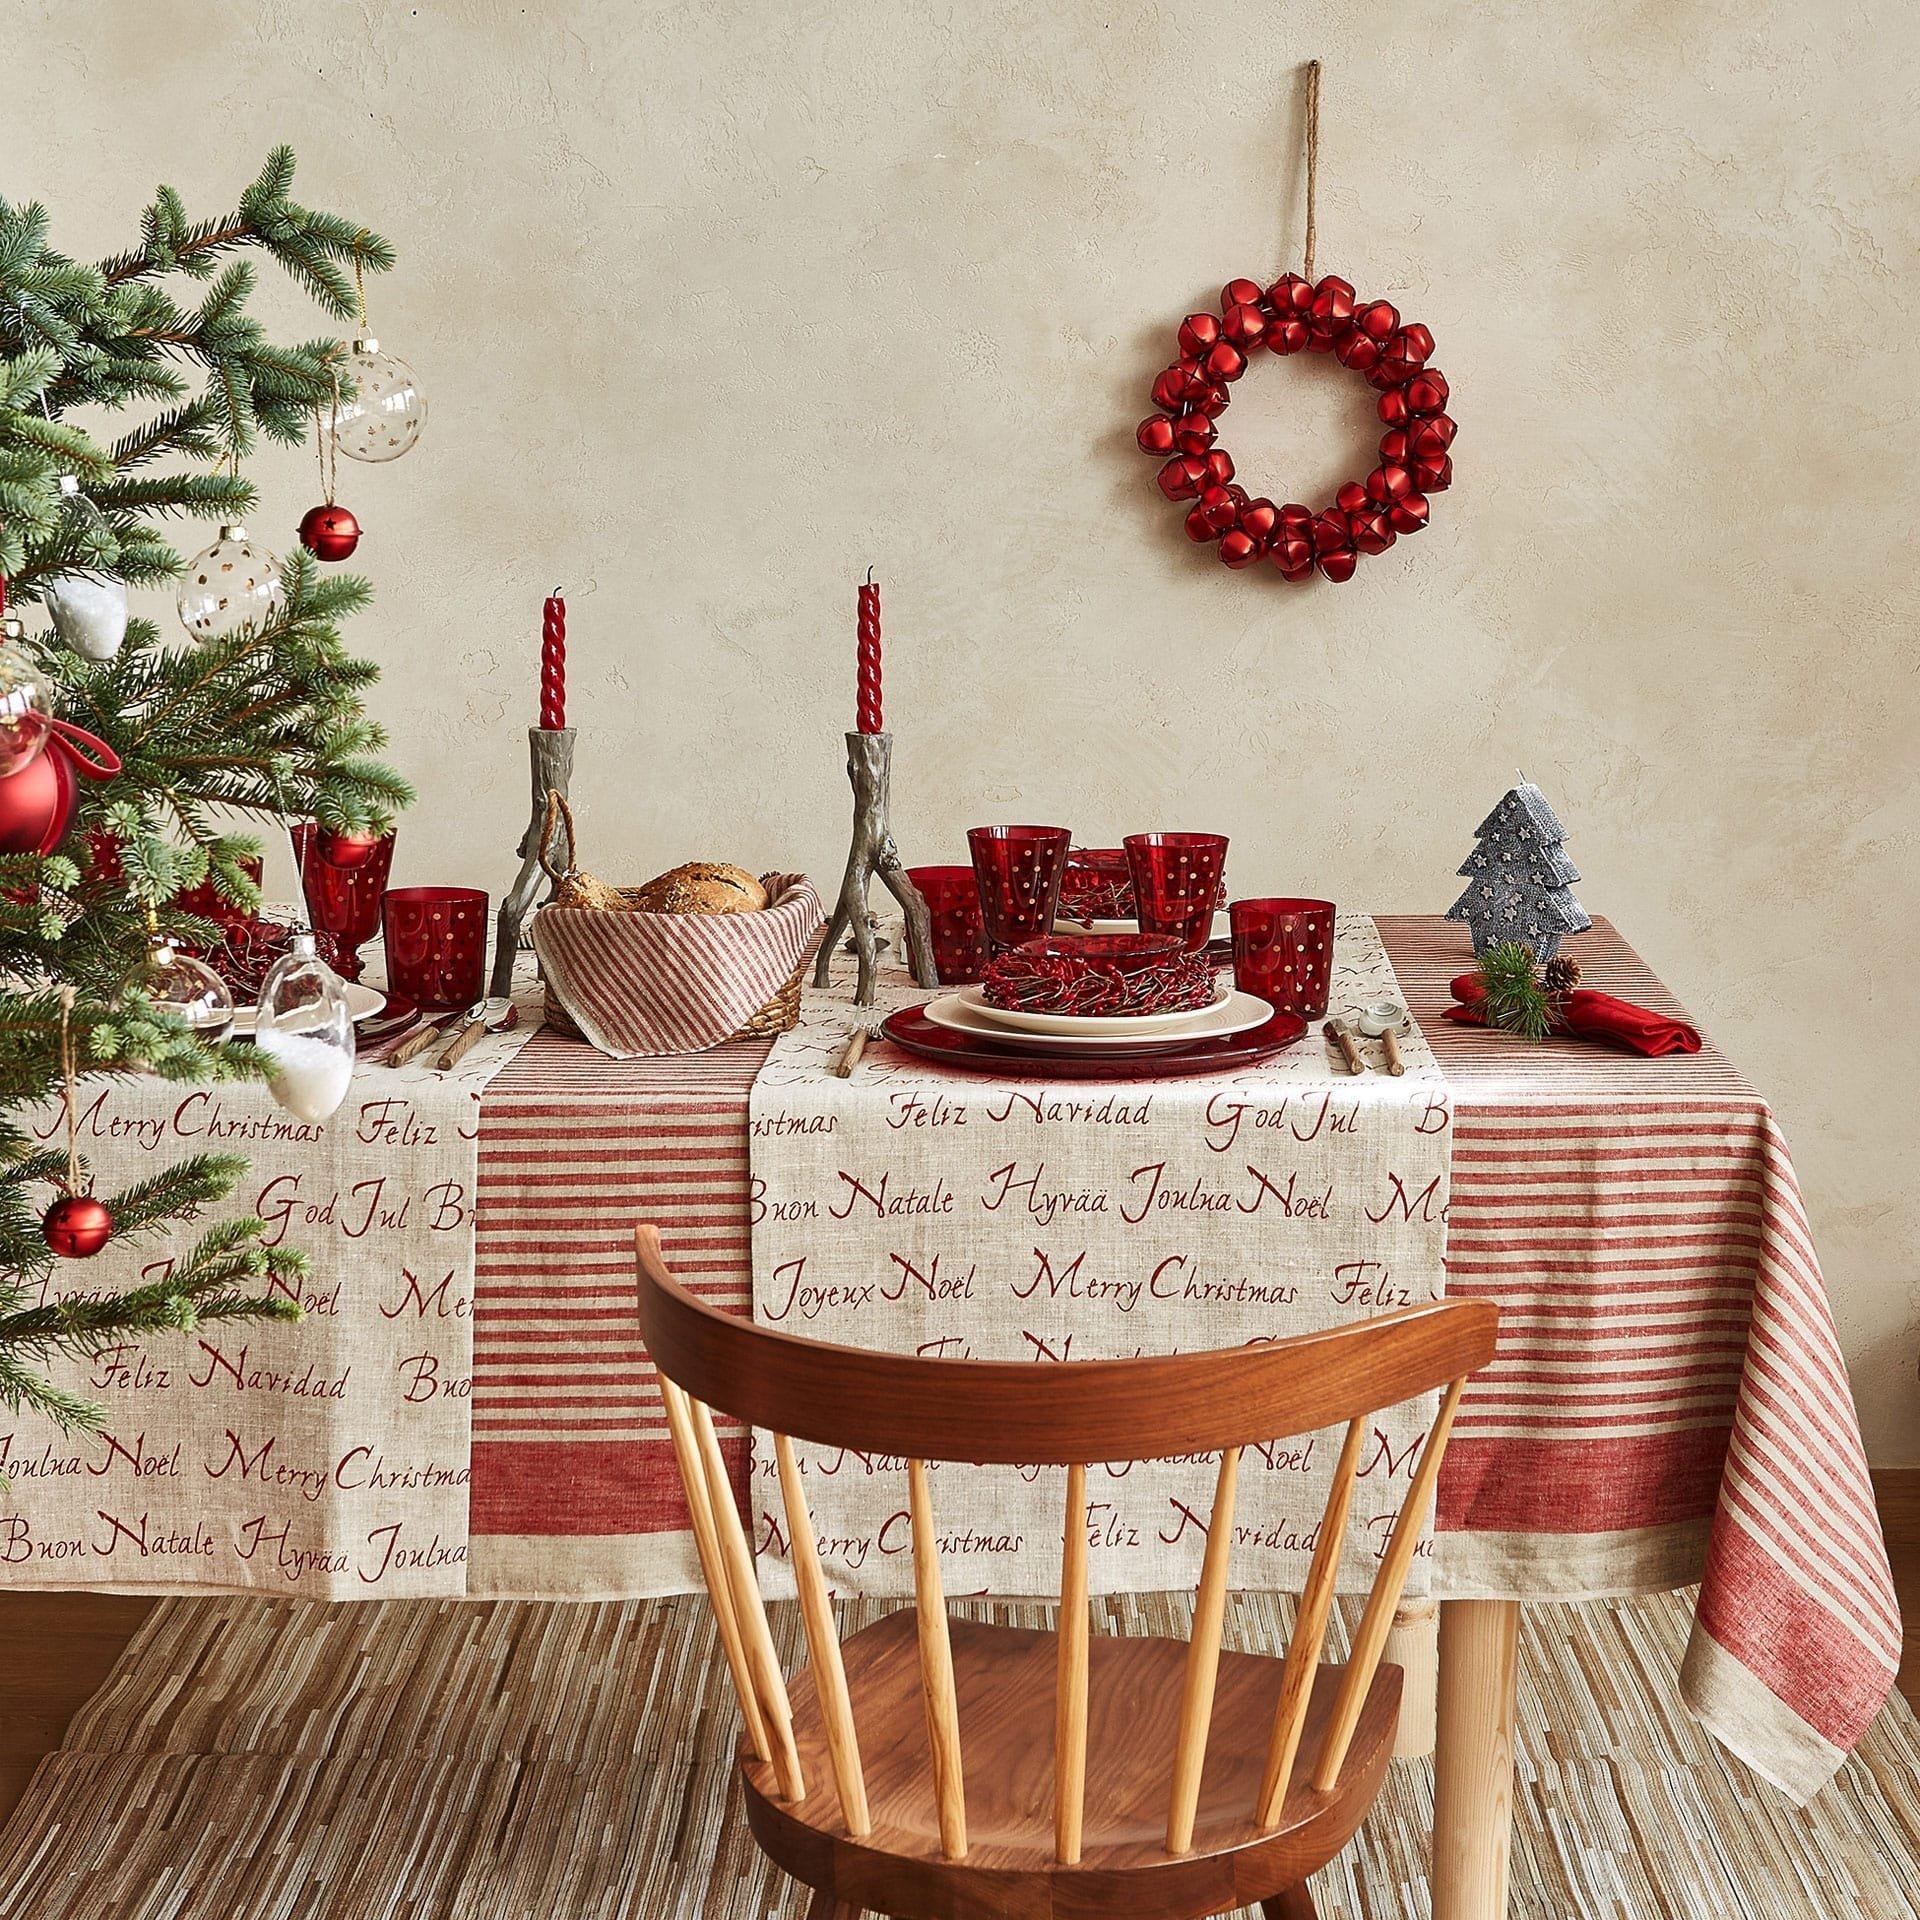 Slavnostní okamžiky si žádají slavnostní prostírání. A kdy jindy si hospodyňky mohou dosyta vyhrát s výzdobou jídelního stolu než právě o Vánocích? A tak vám přinášíme tipy, jak si vánoční čas plný návštěv a gurmánských zážitků ještě více zpříjemnit.